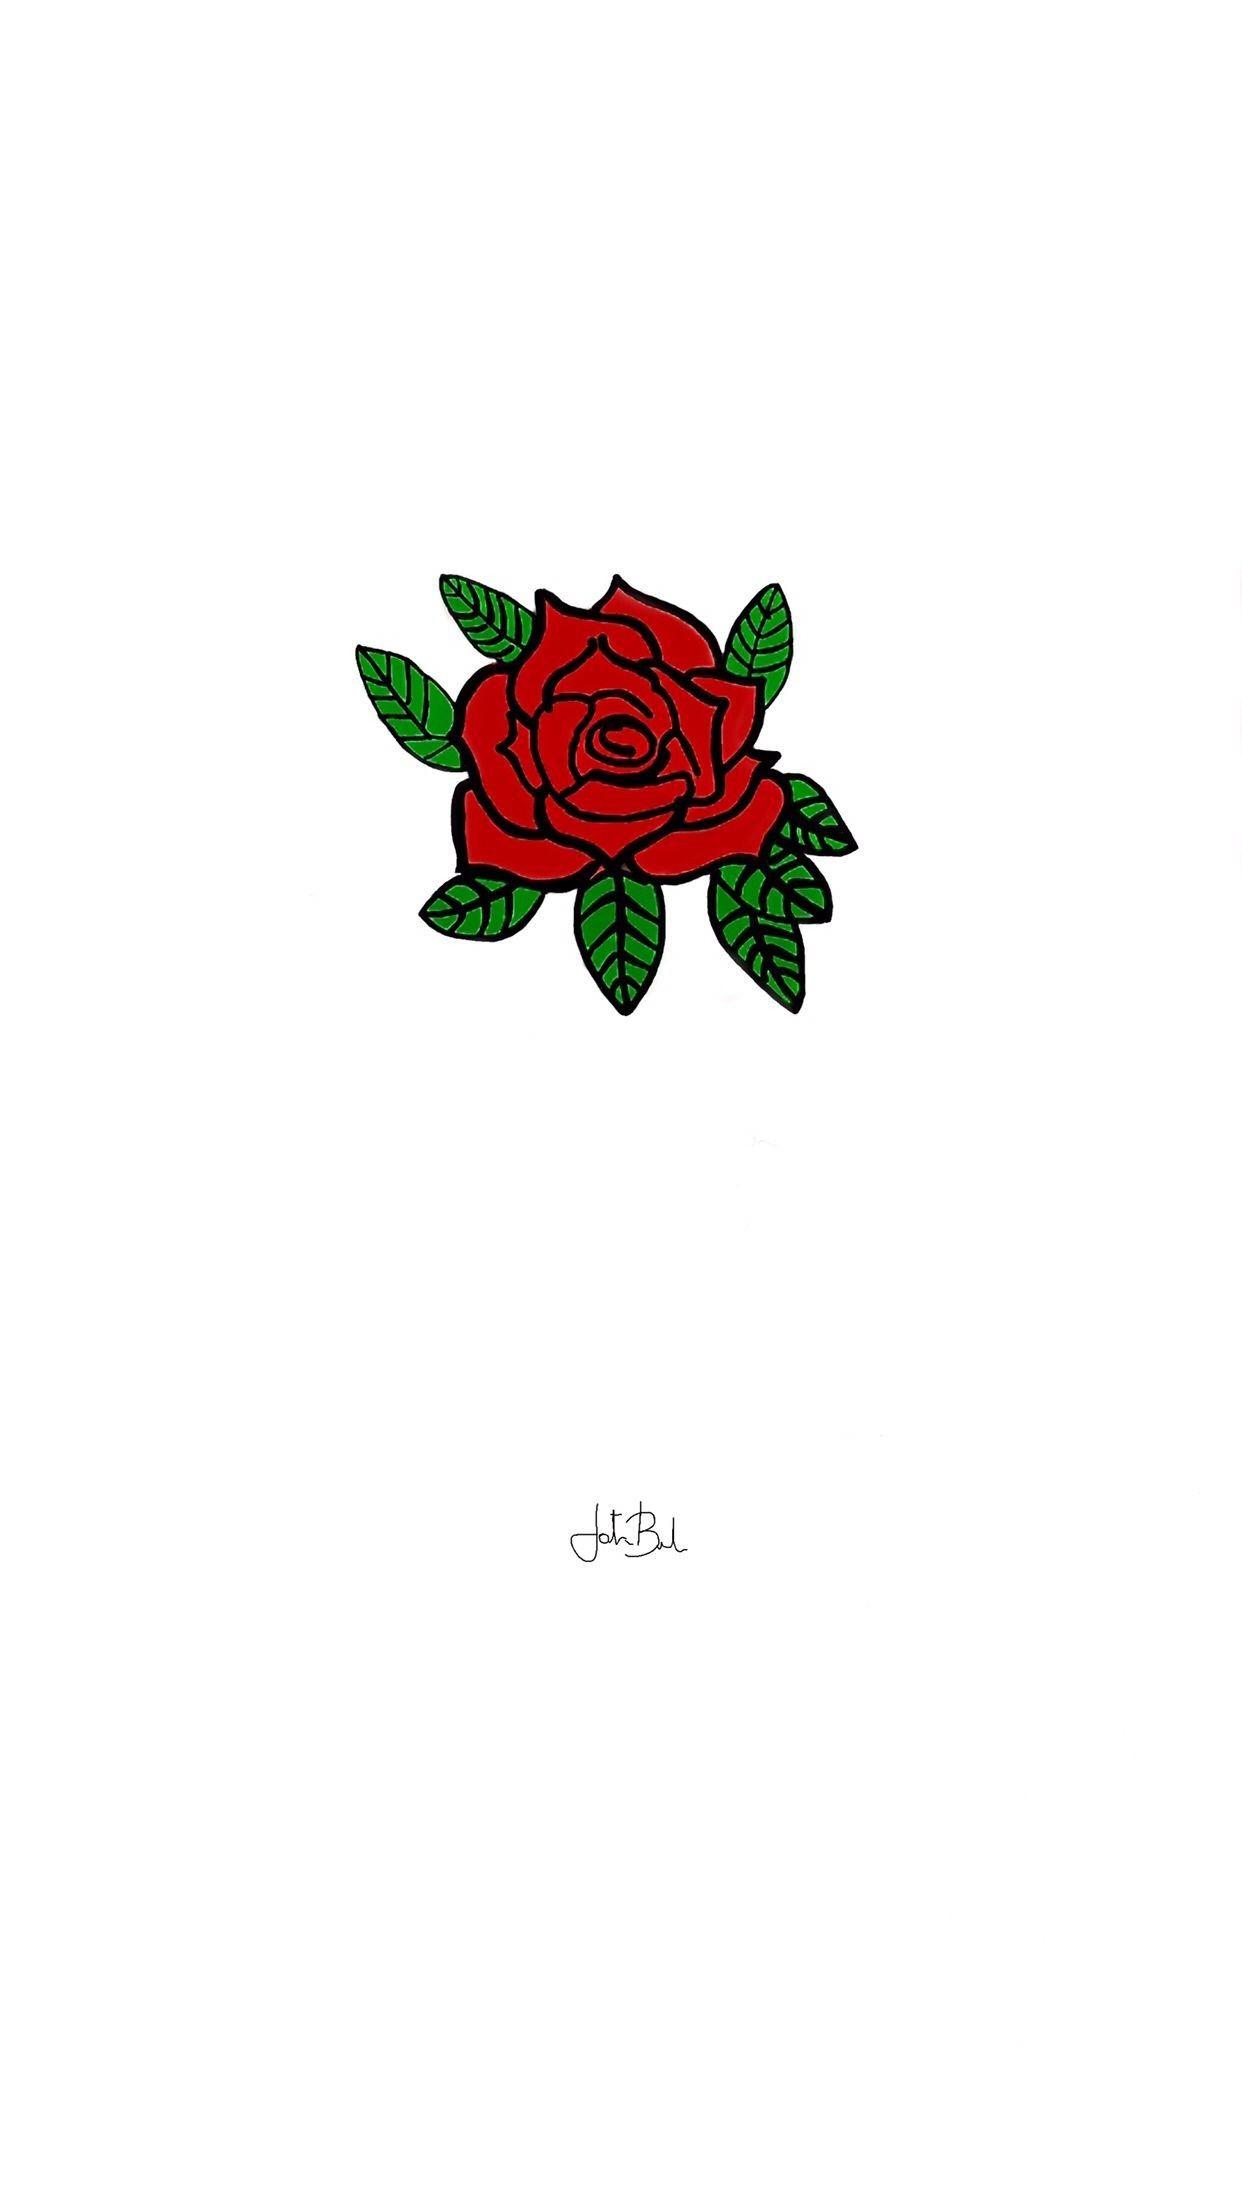 Res 1242x2208 Rose Iphone Wallpaper Wallpaper Rose White Minimal Red Wallpaper Iphone Roses Rose Wallpaper Iphone Wallpaper Aesthetic cartoon rose wallpaper